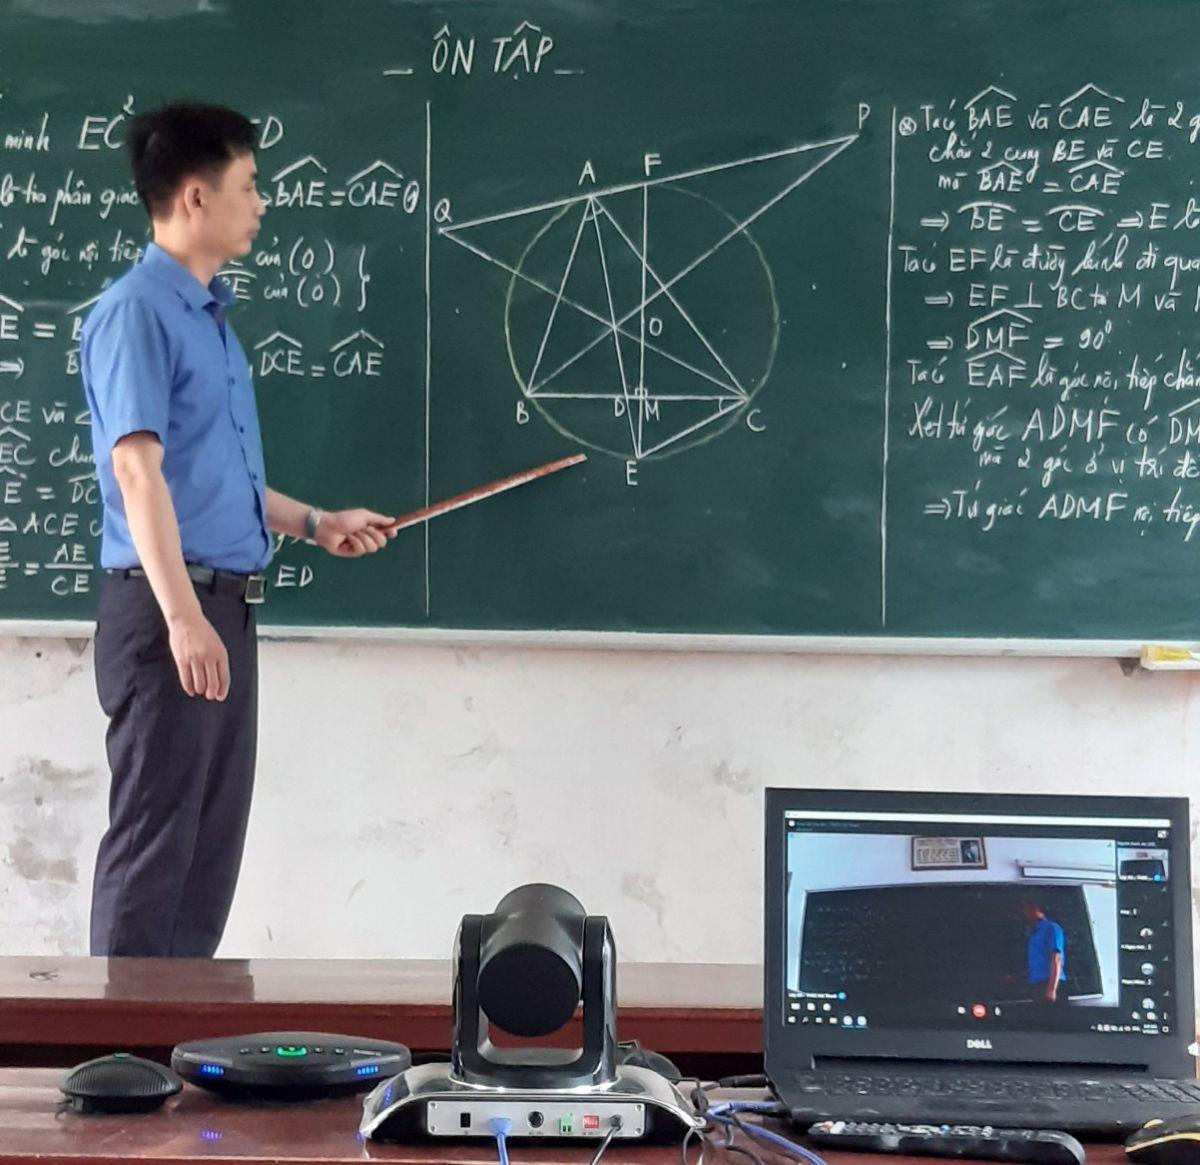 Bổi dạy ôn tập môn toán qua hệ thống SmartROOM của thầy Trần Xuân Diệu.